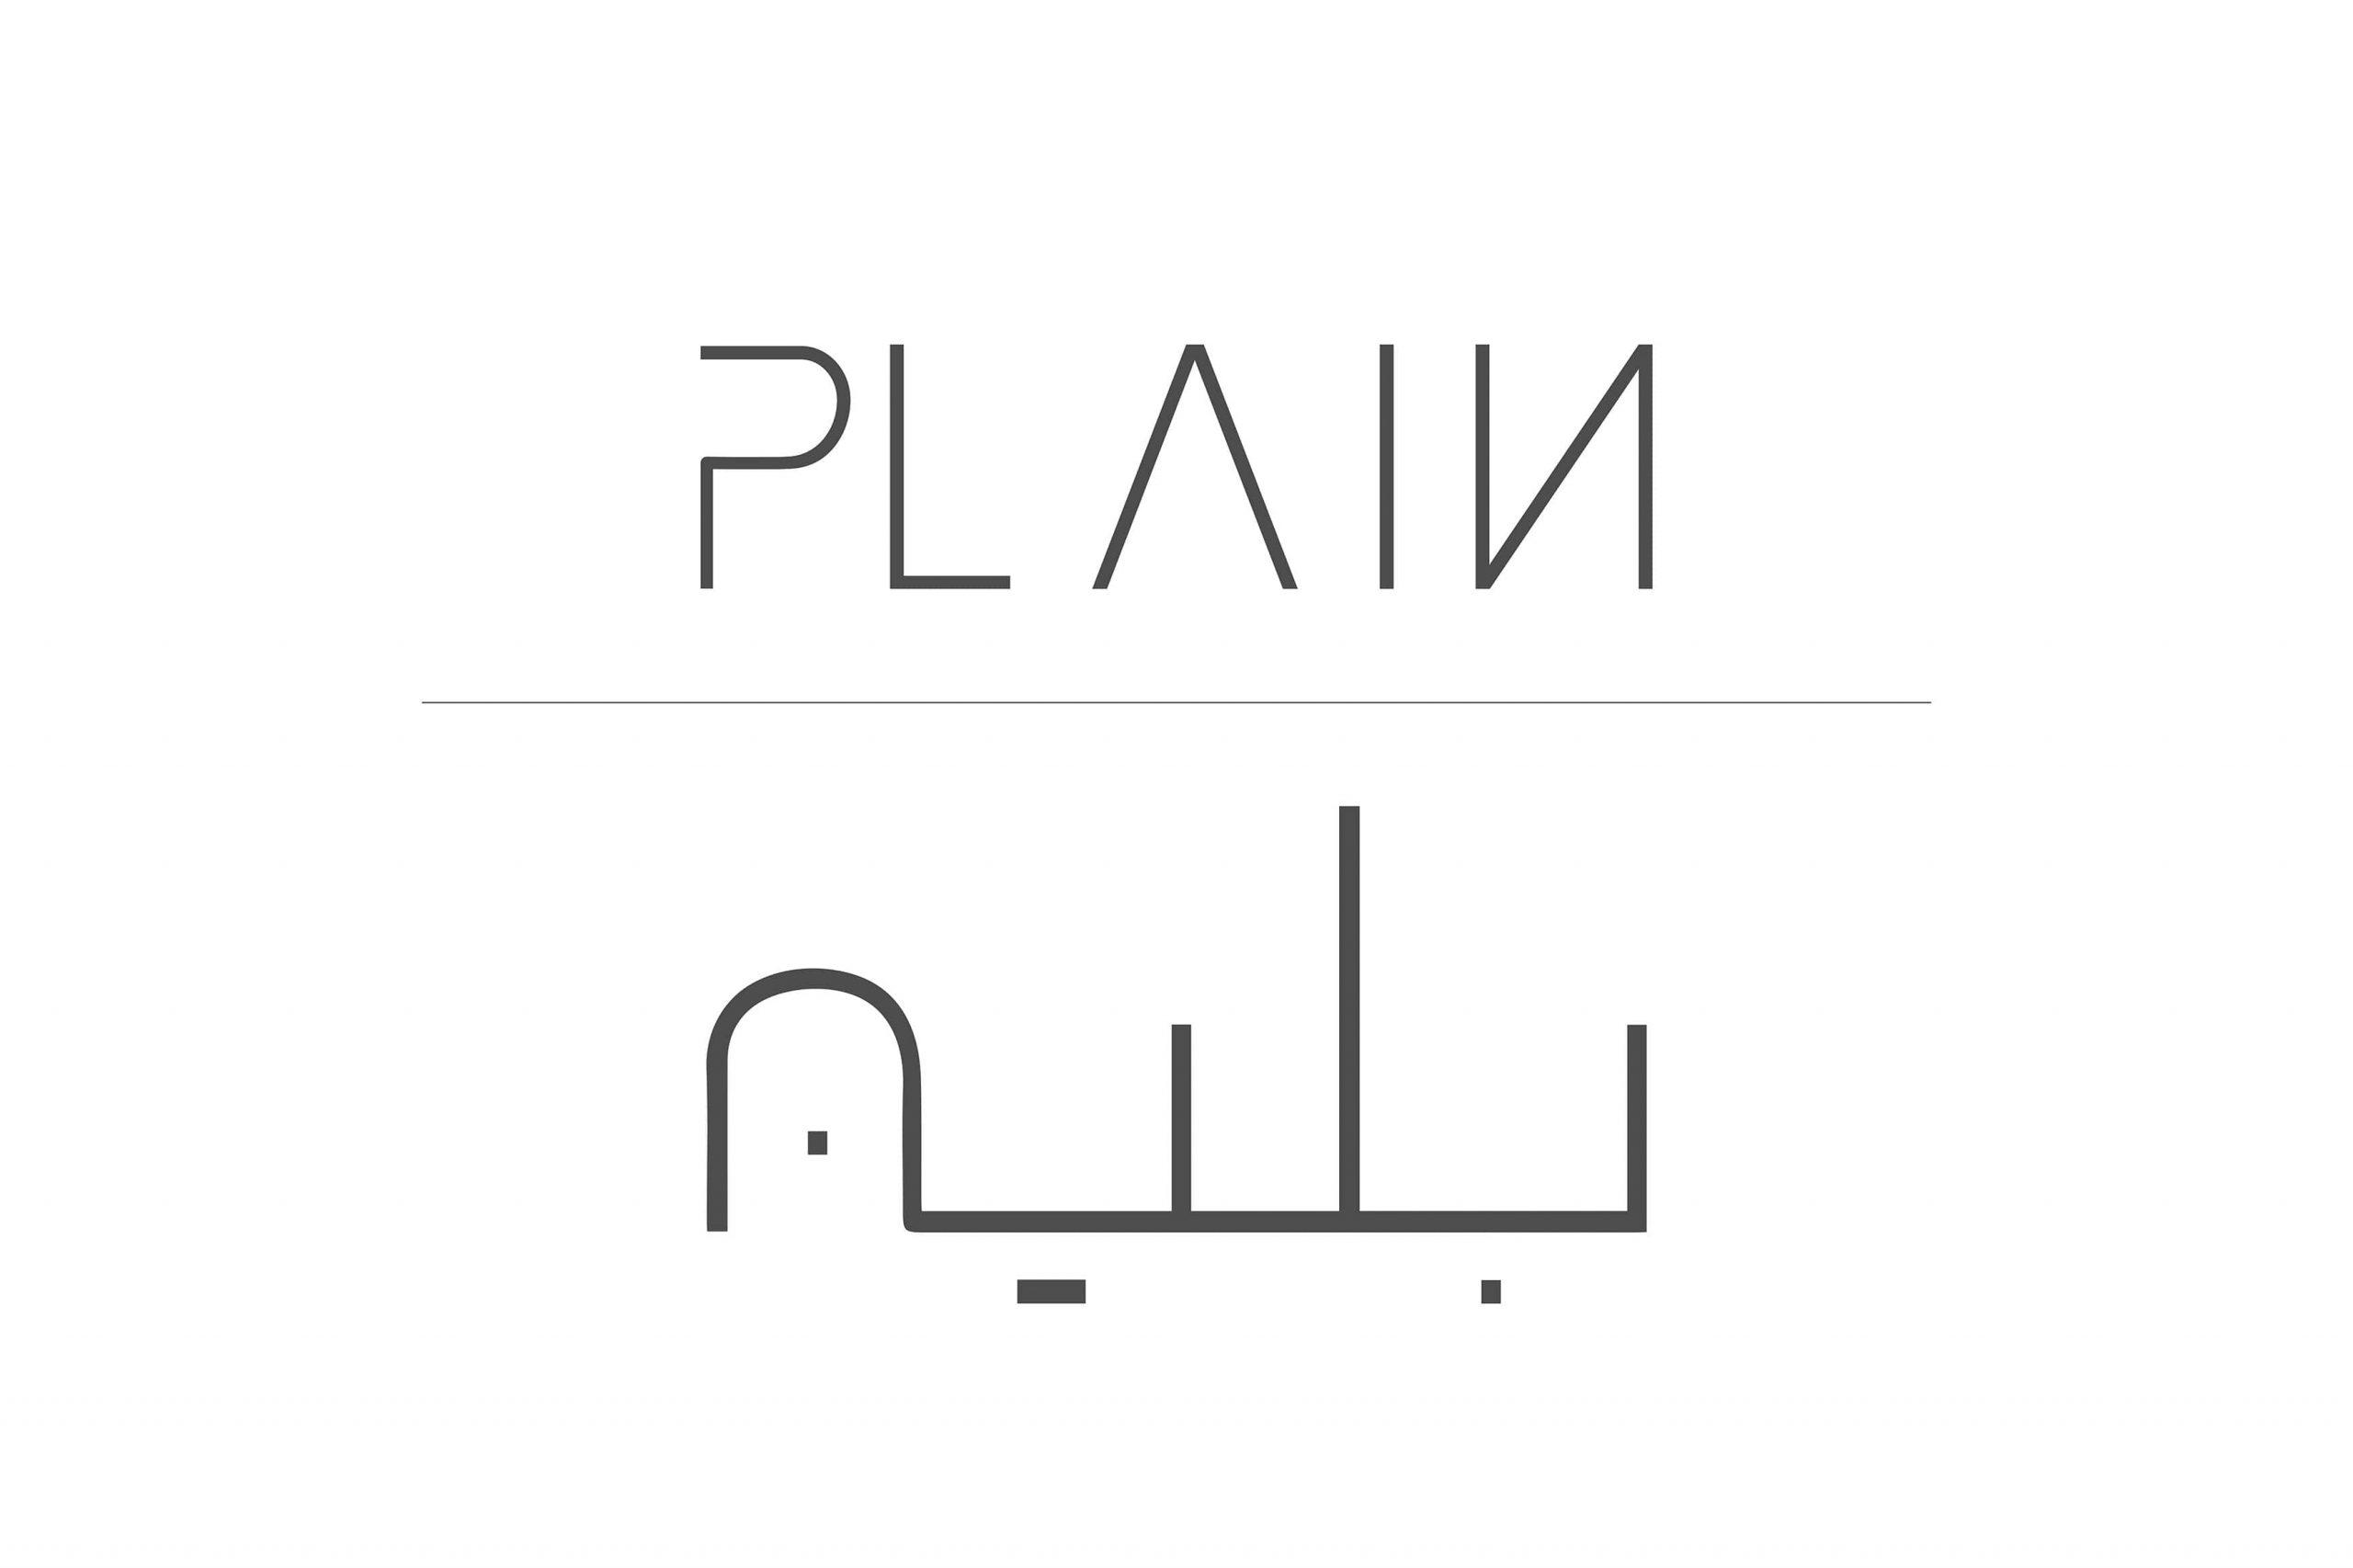 Plain-Interior Design Dubai